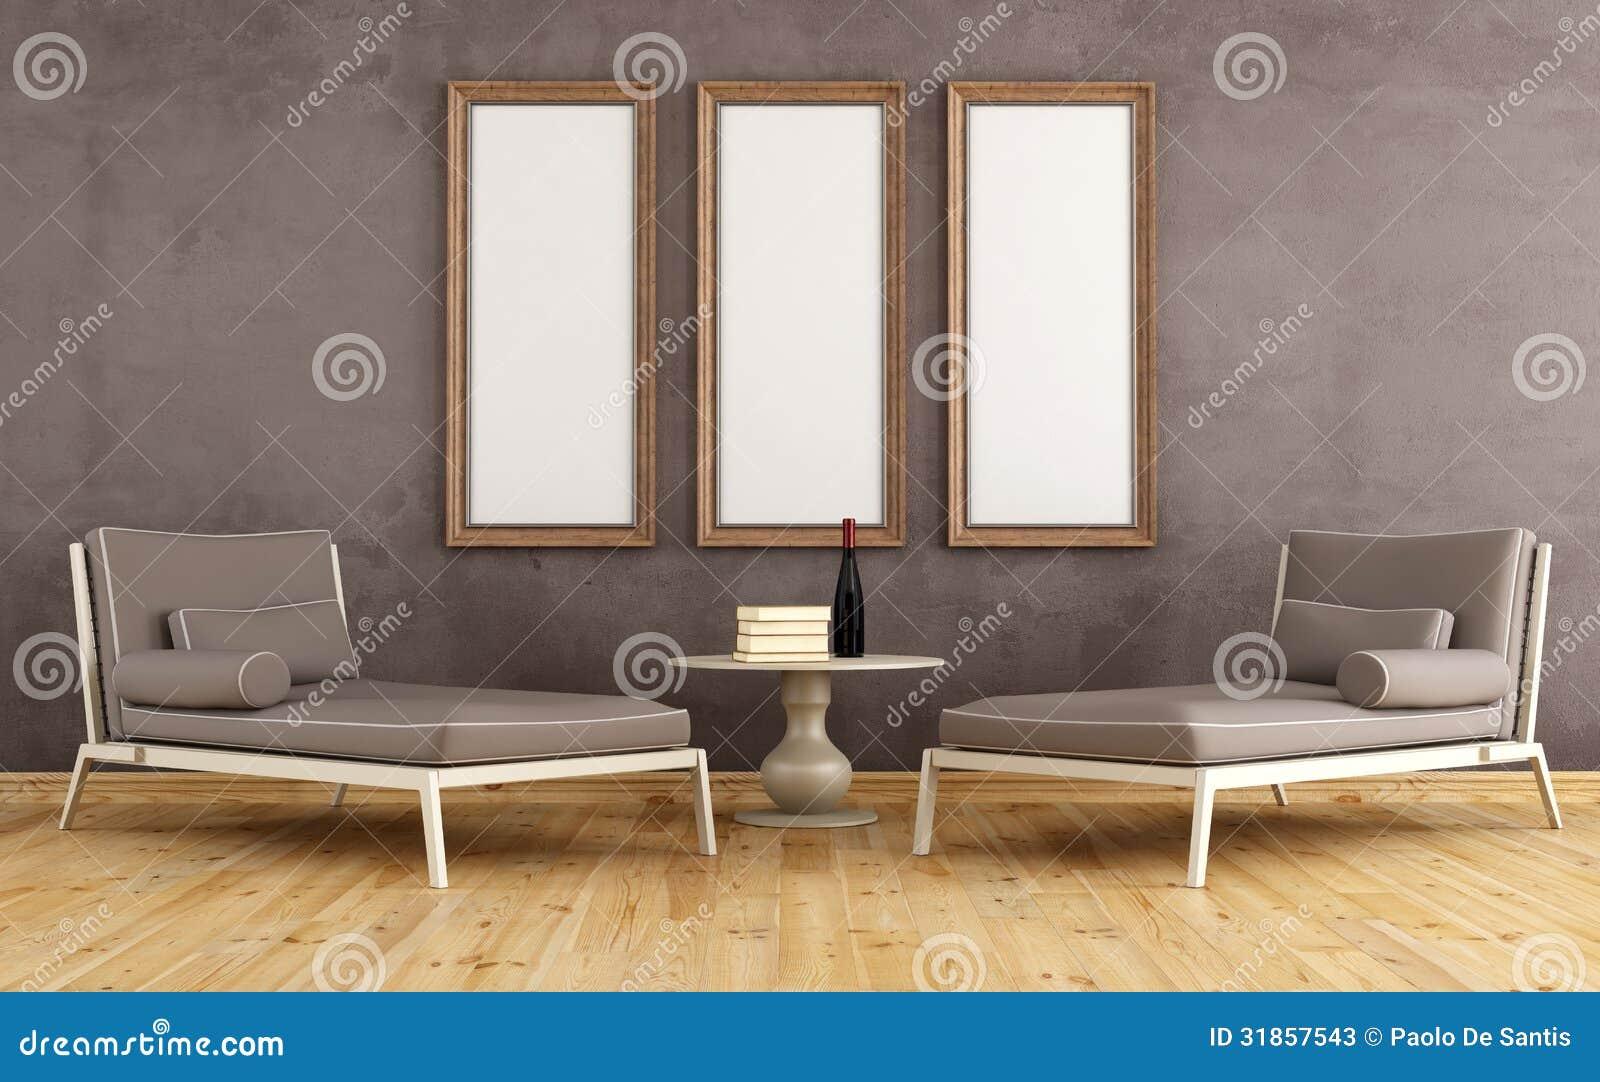 Woonkamer Zwart Bruin : Woonkamer groen bruin referenties op huis ontwerp interieur